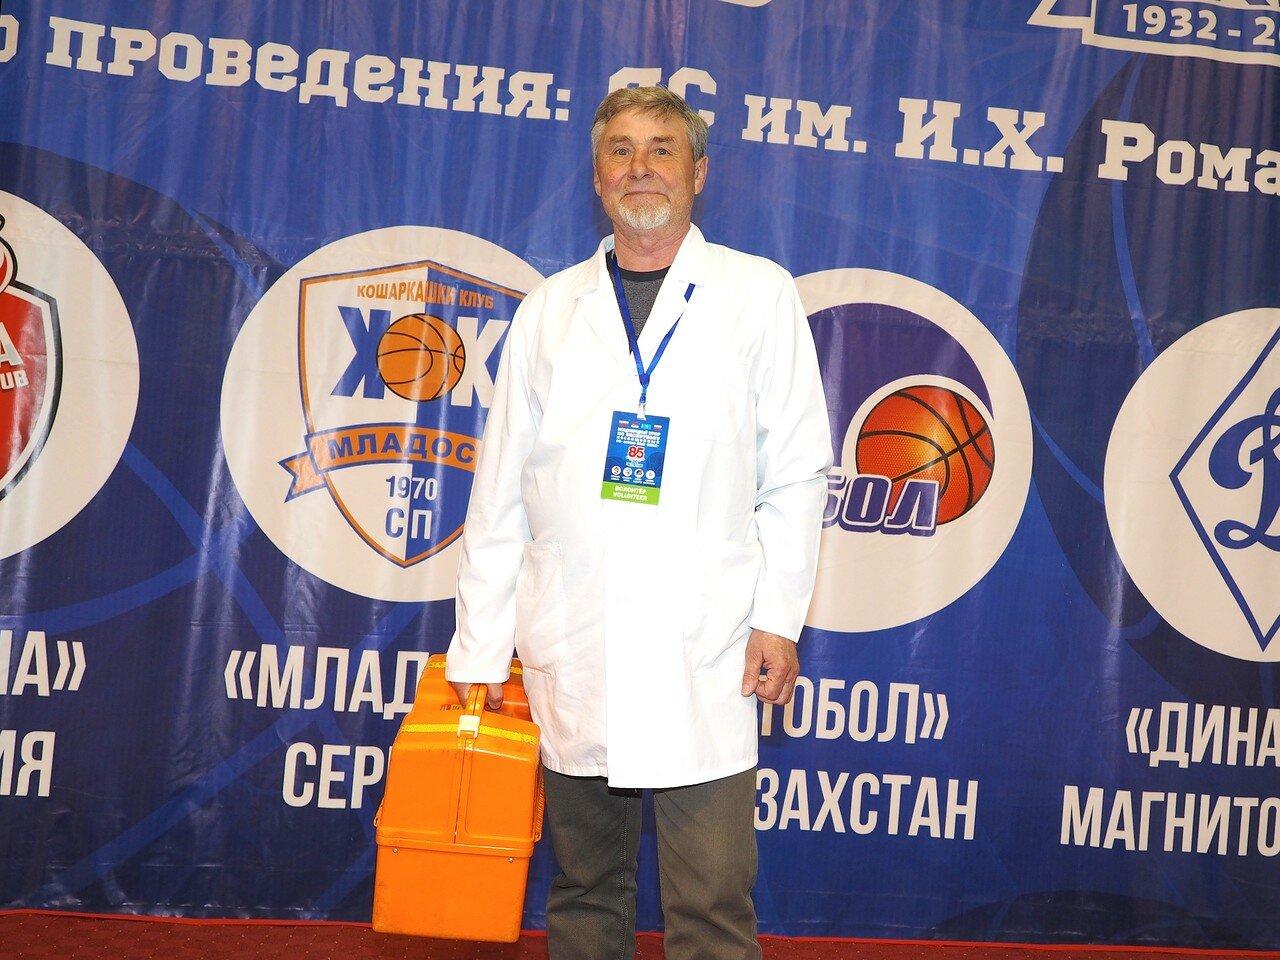 34 Динамо - Тобол 27.05.2017